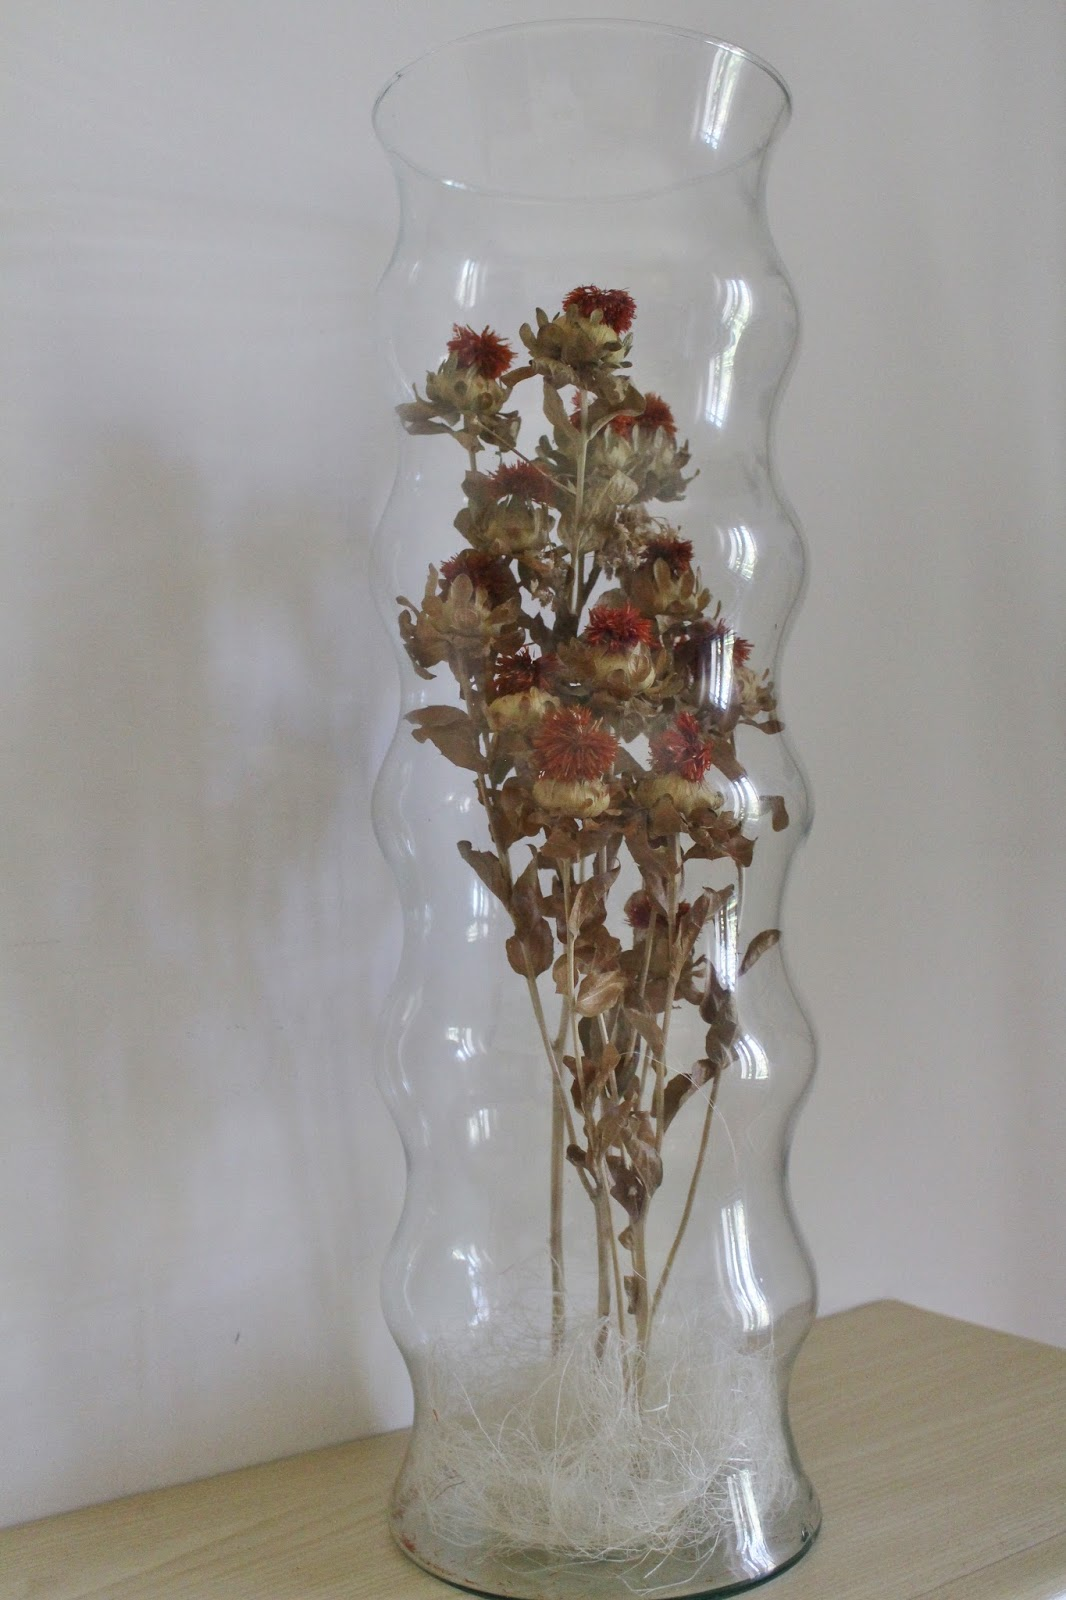 Super LA GRANJA DI ADRIANA: fiori secchi in vasi di vetro LO67